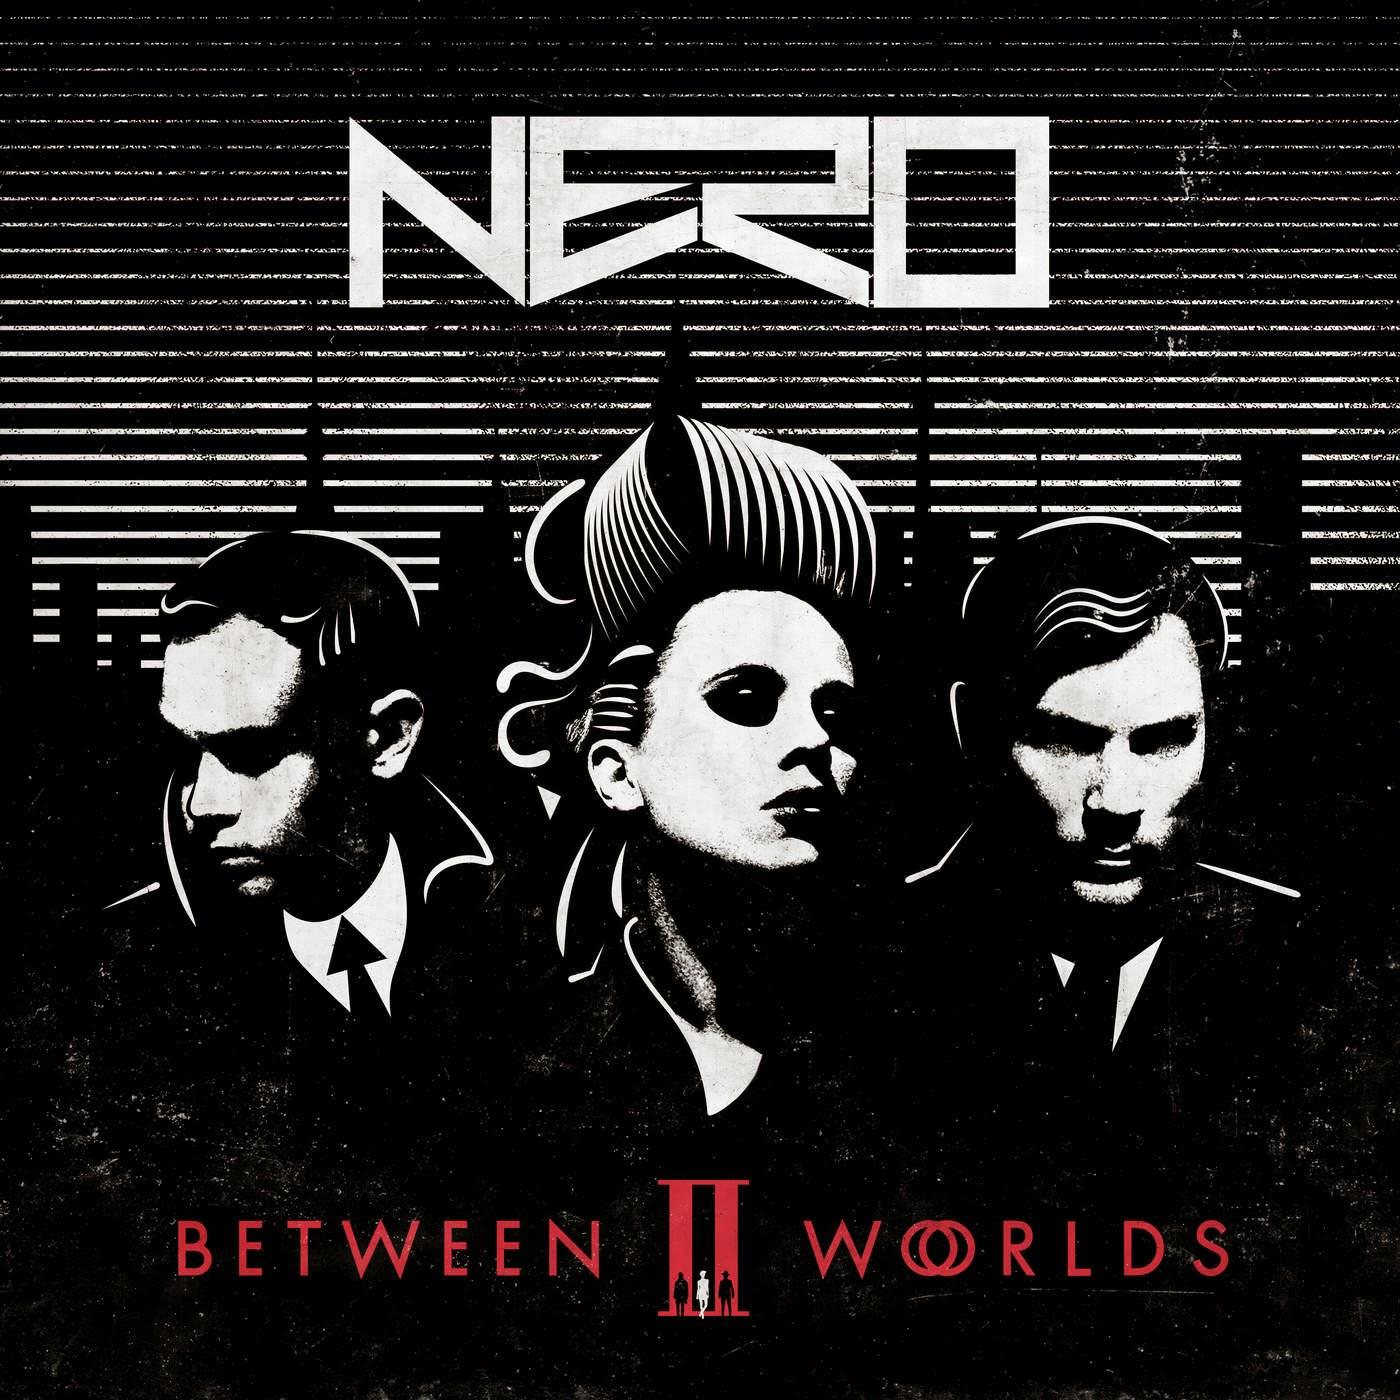 nero between ii worlds album cover